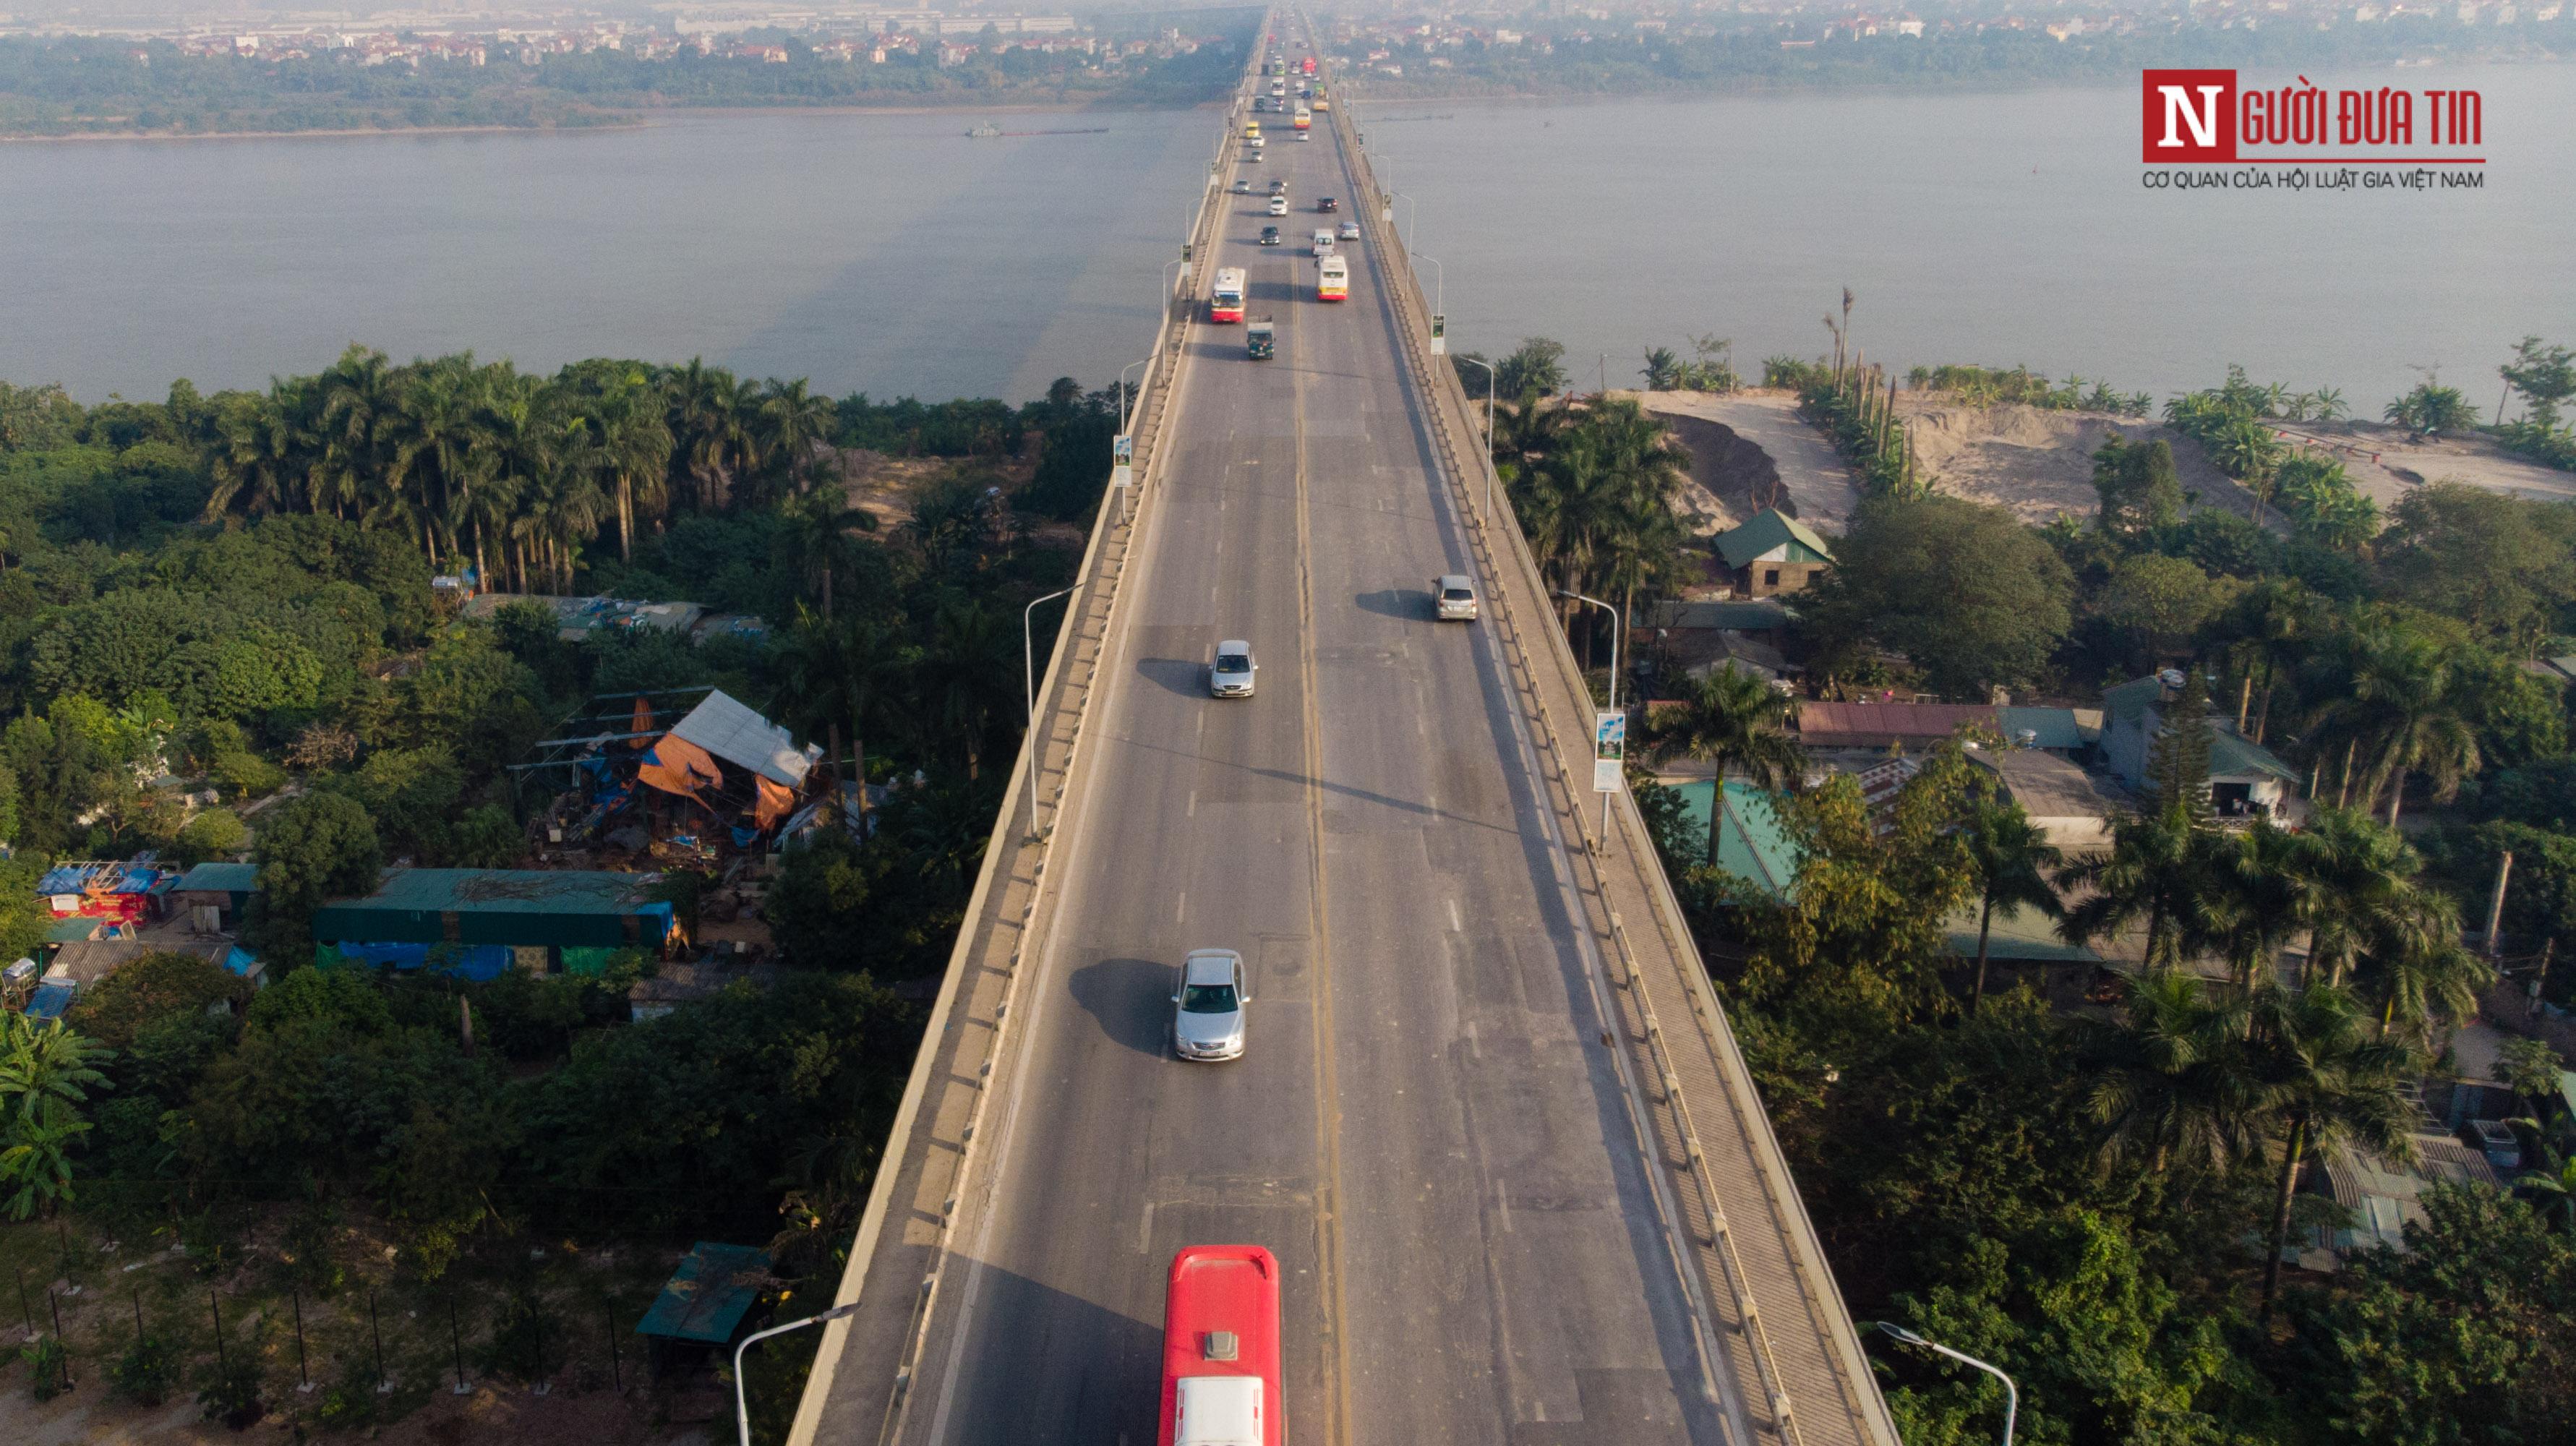 Tin nhanh - Chiêm ngưỡng 6 cây cầu bắc qua sông Hồng nối trung tâm Hà Nội (Hình 13).